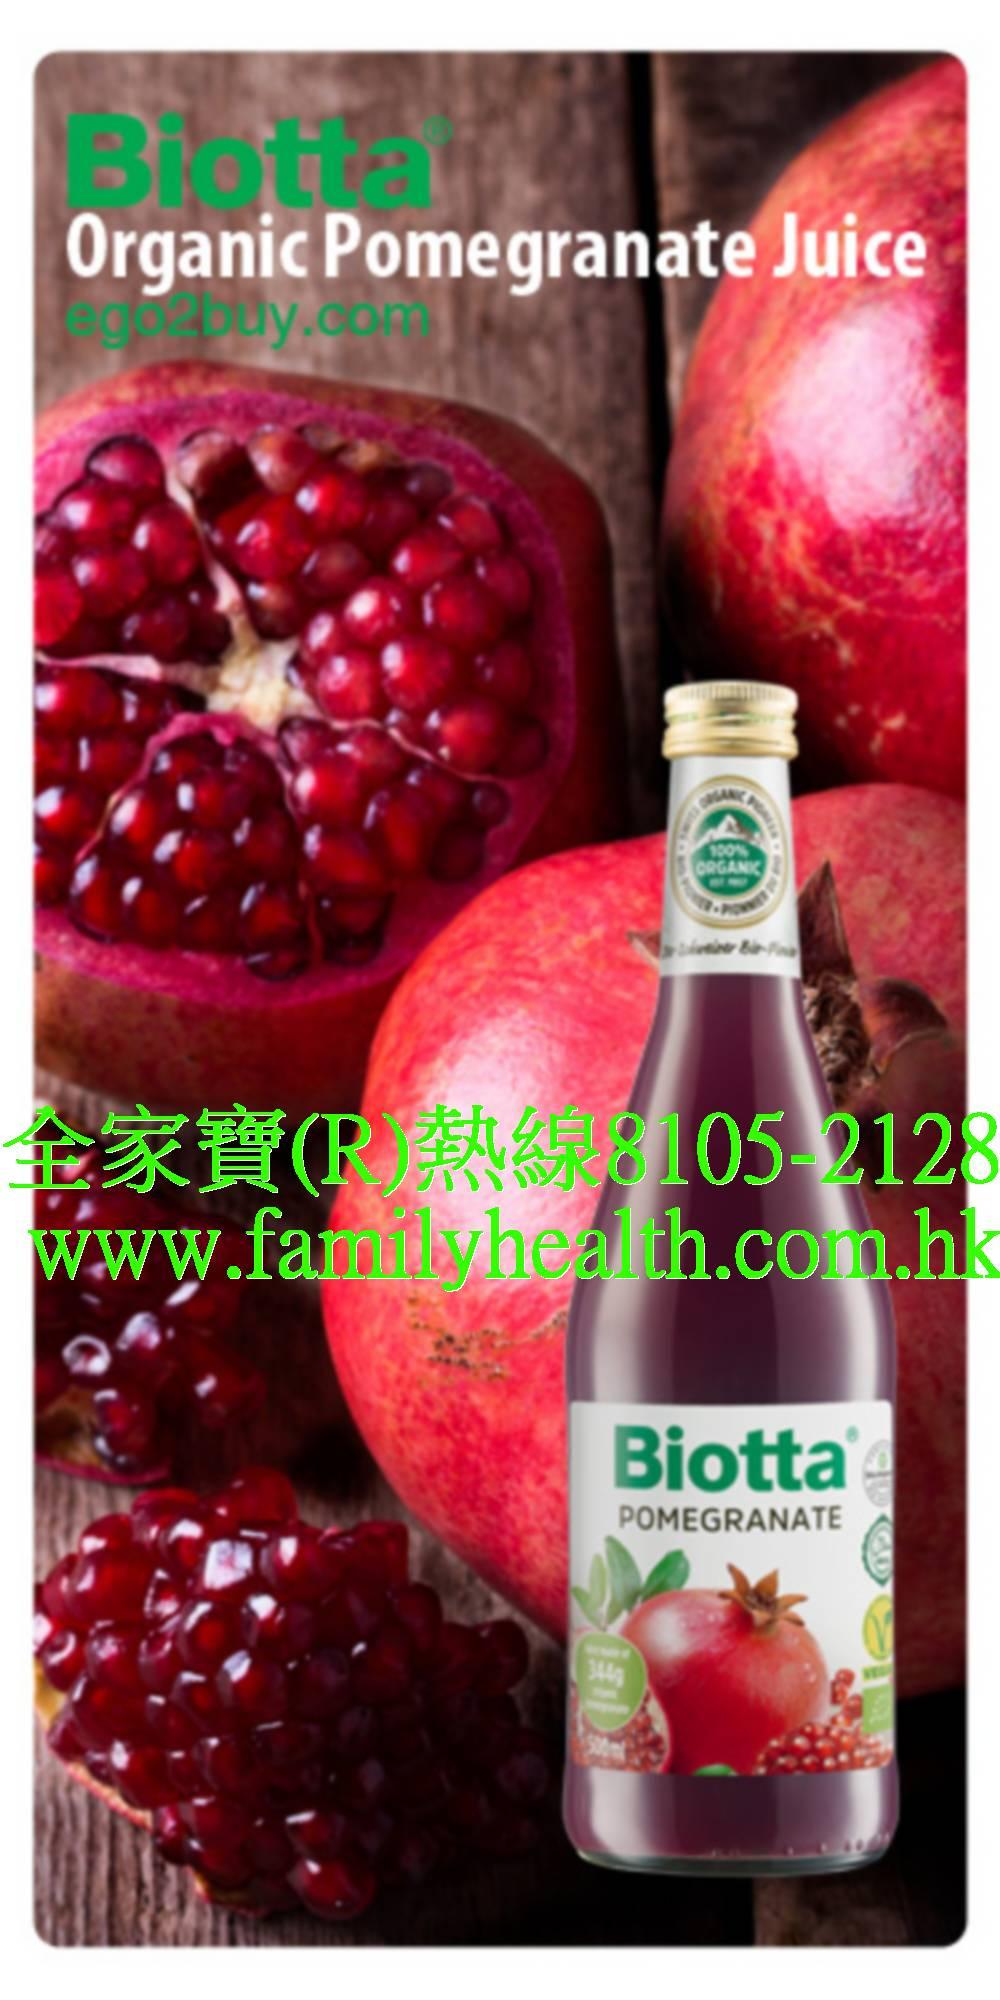 http://www.familyhealth.com.hk/files/full/949_2.jpg